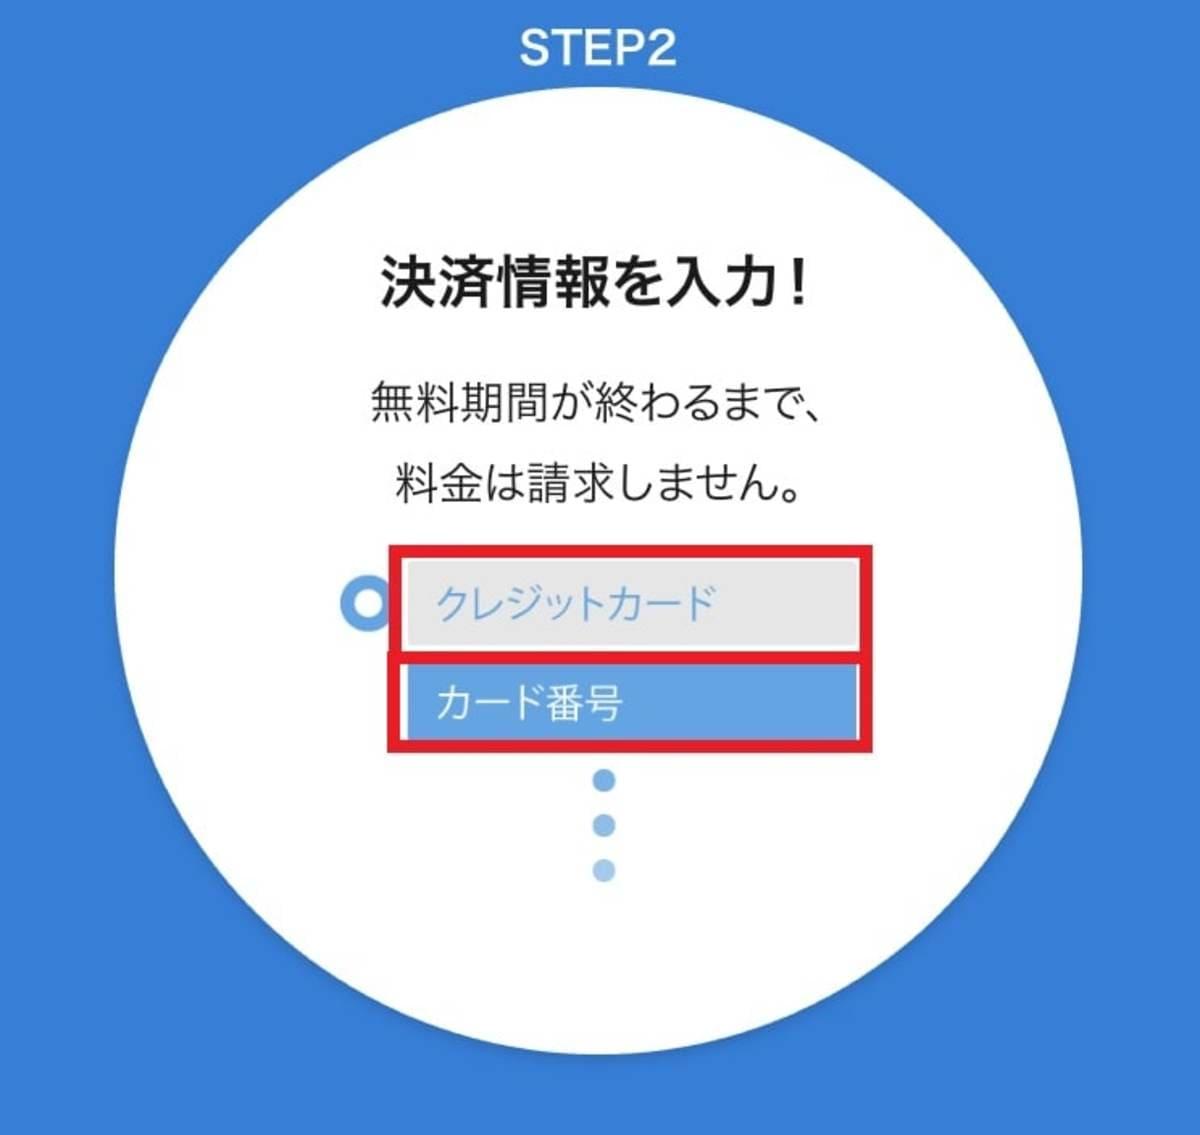 U-NEXTの登録方法2ステップ、クレジットカードを用意